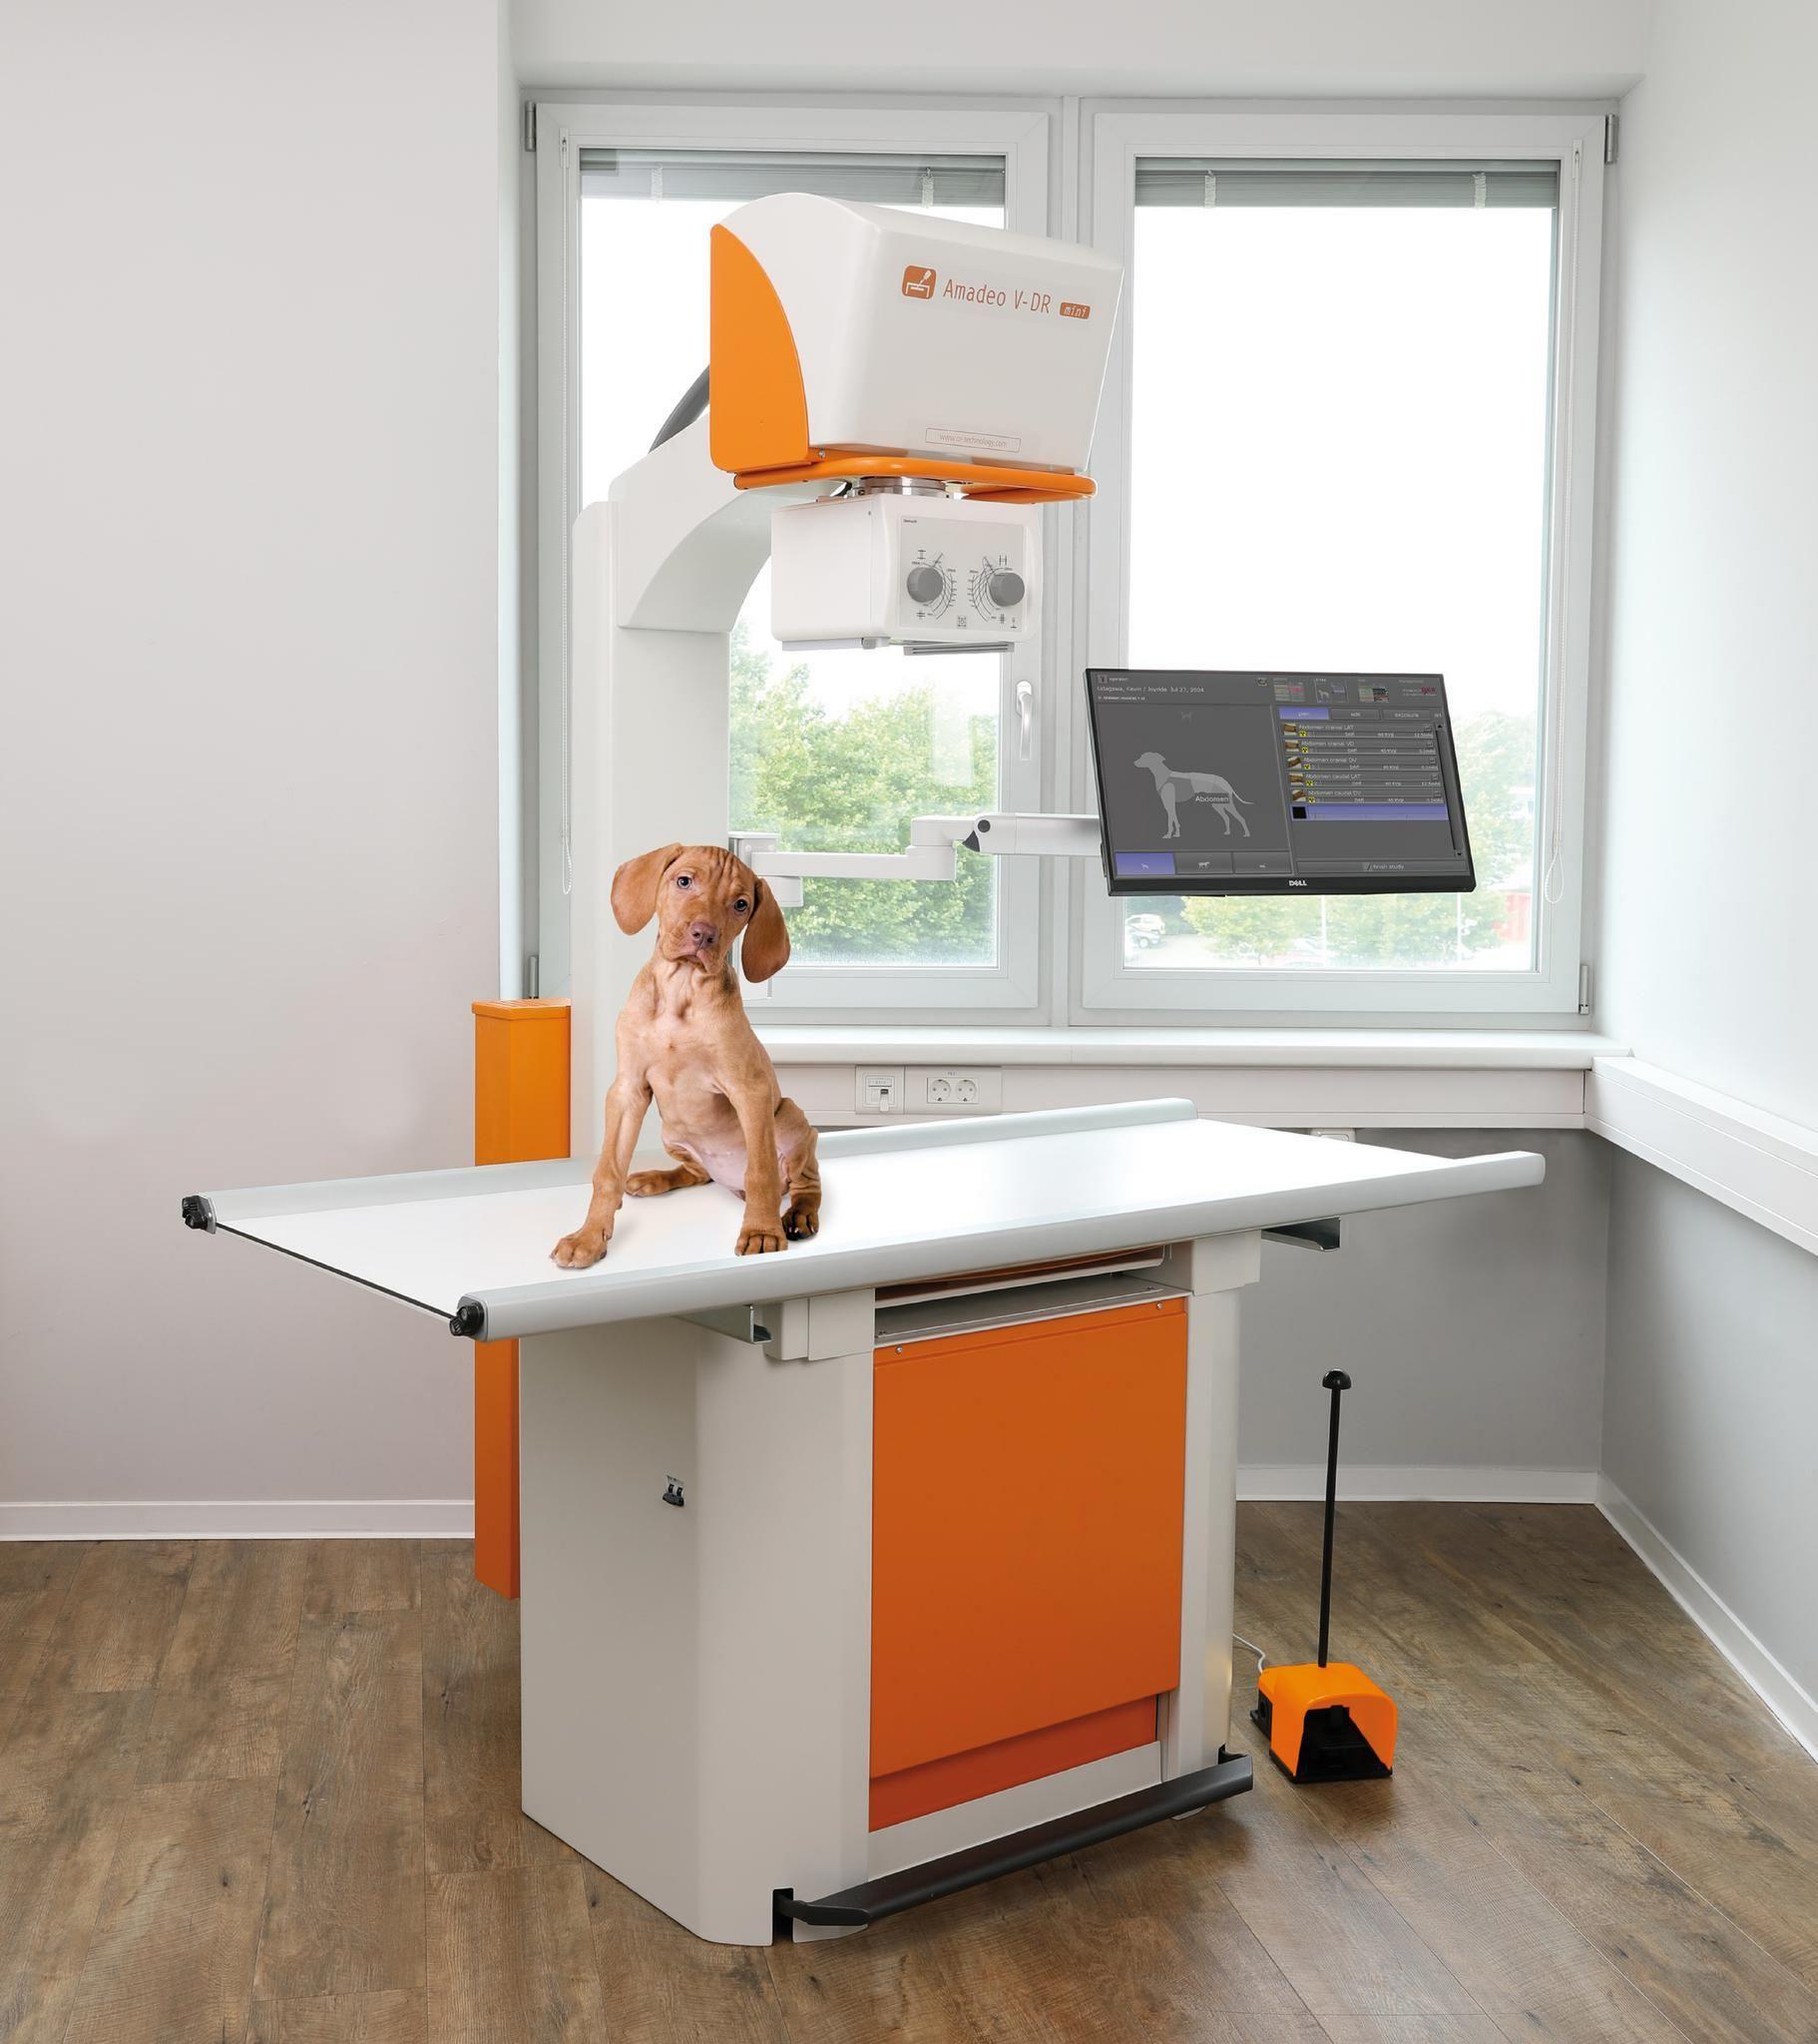 Röntgen-Komplettlösung für Kleintierpraxen: Hochfrequenz aus der Steckdose